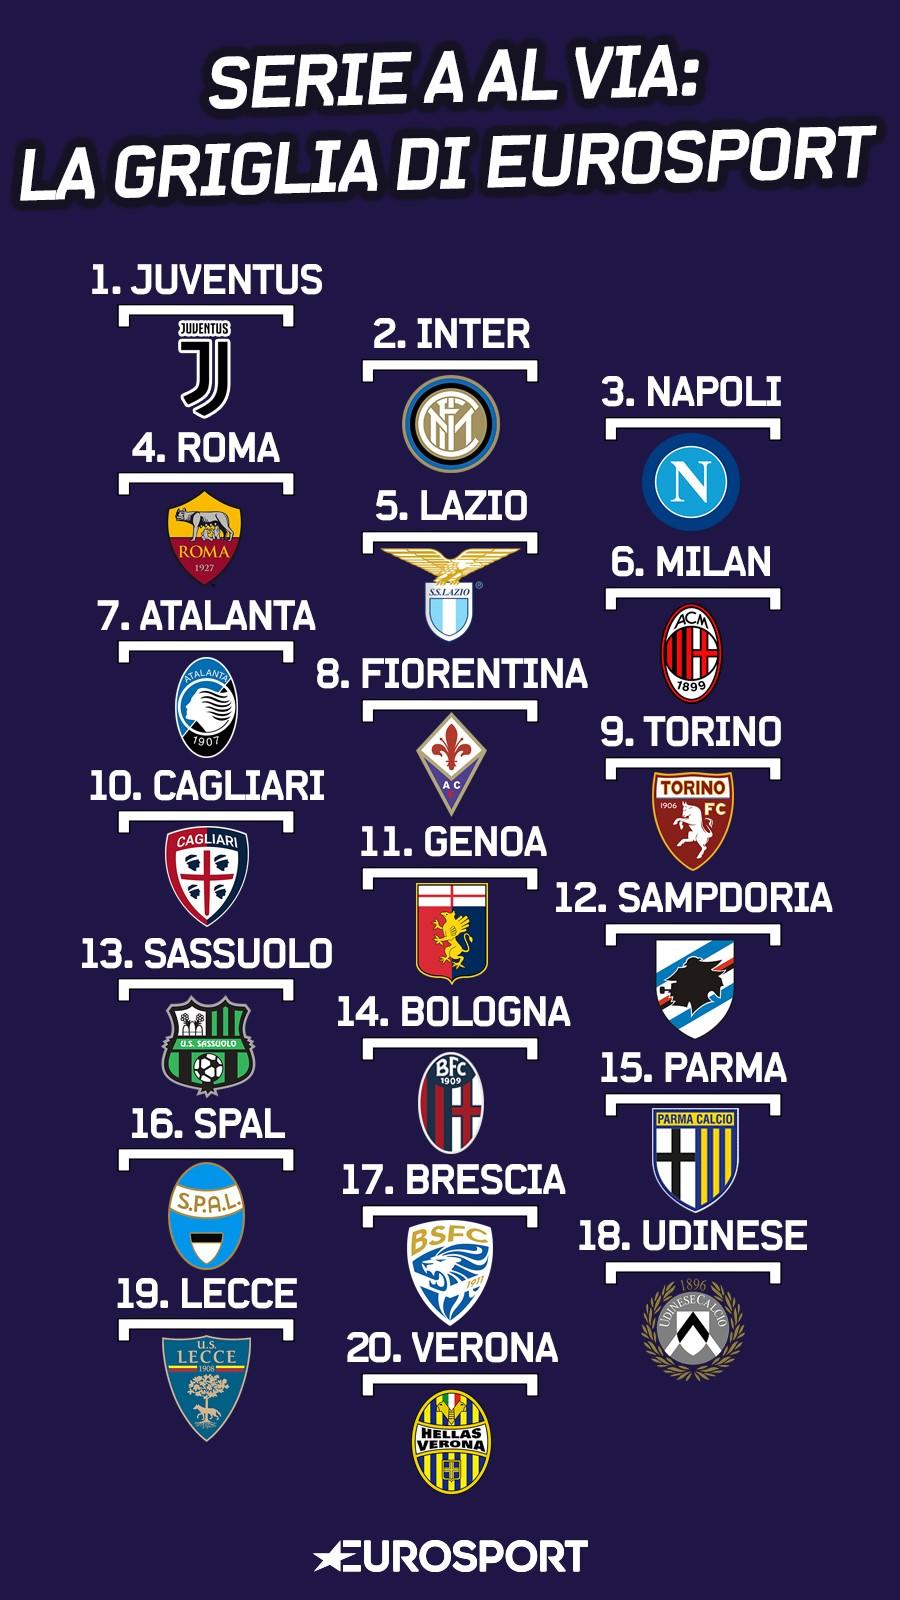 La griglia di partenza della Serie A 2019-2020 secondo i pronostici di Eurosport